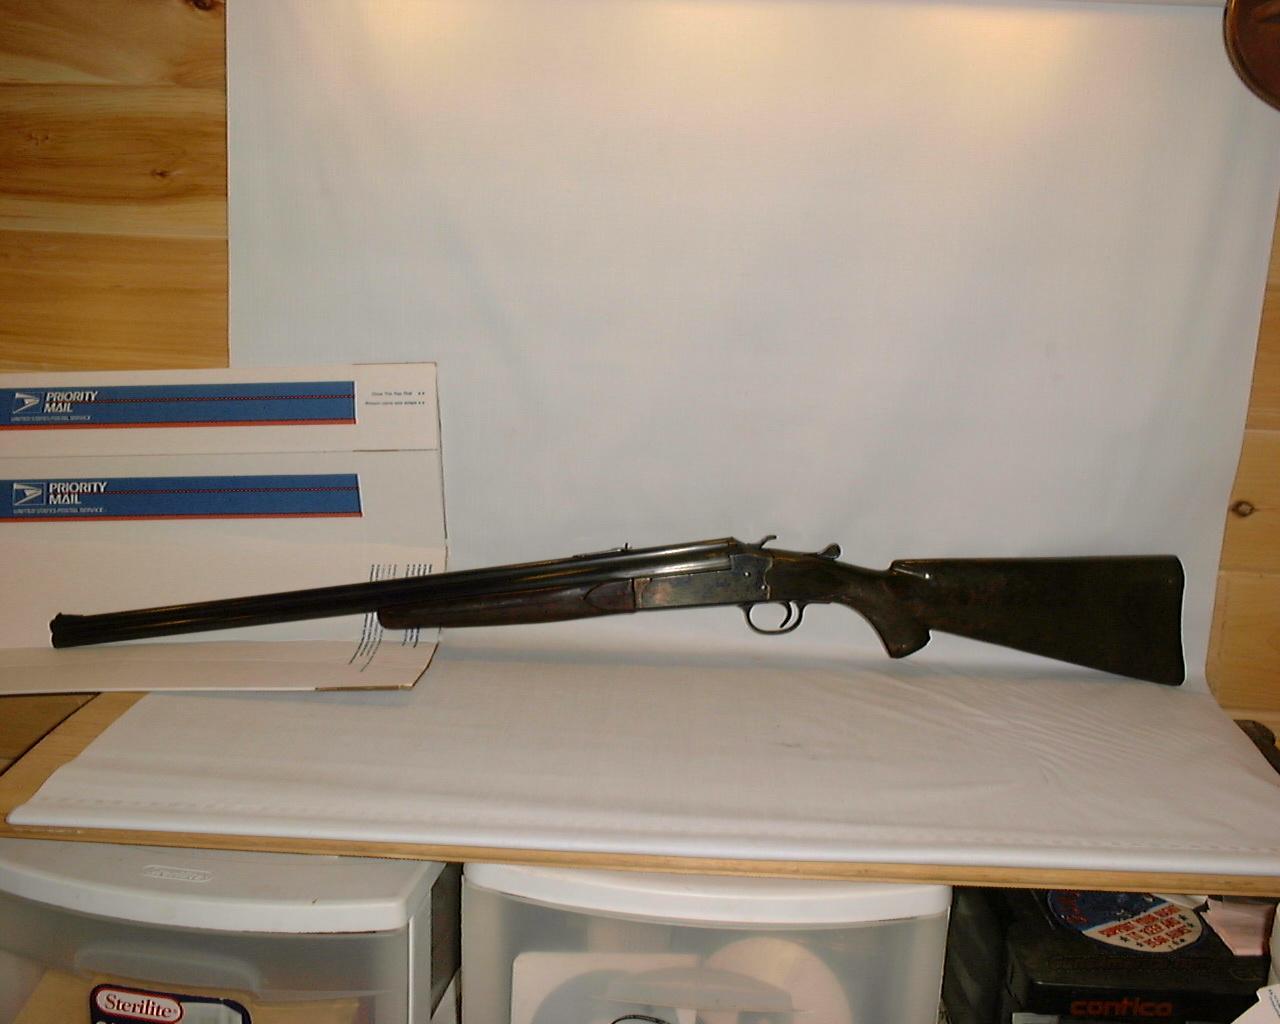 Rare stevens model 22 410 usaf for sale rare stevens model 22 410 usaf guns shotguns stevens shotguns thecheapjerseys Image collections